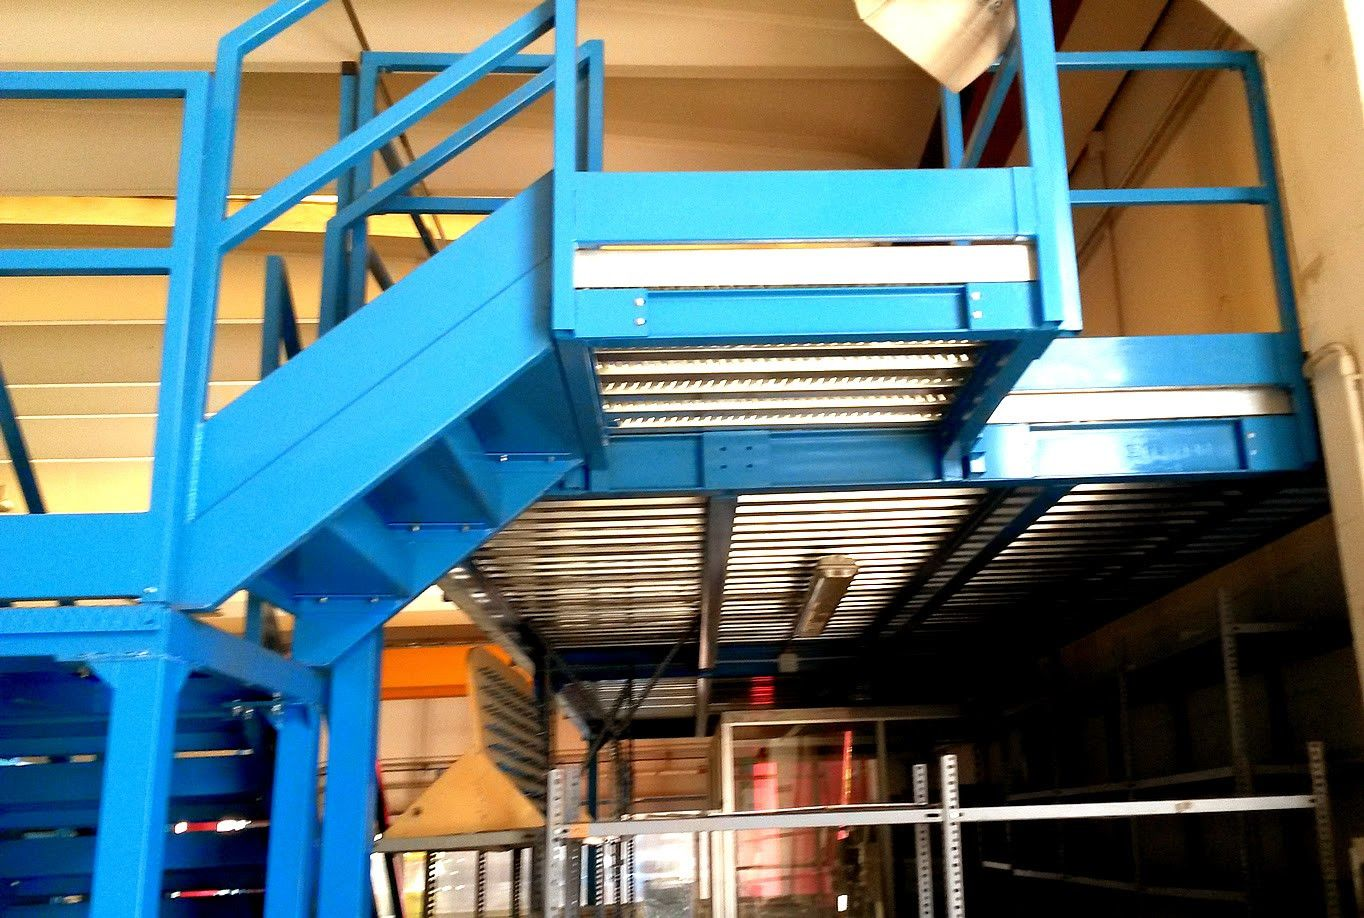 Pilastri In Ferro Usati Con Soppalchi Industriali Per